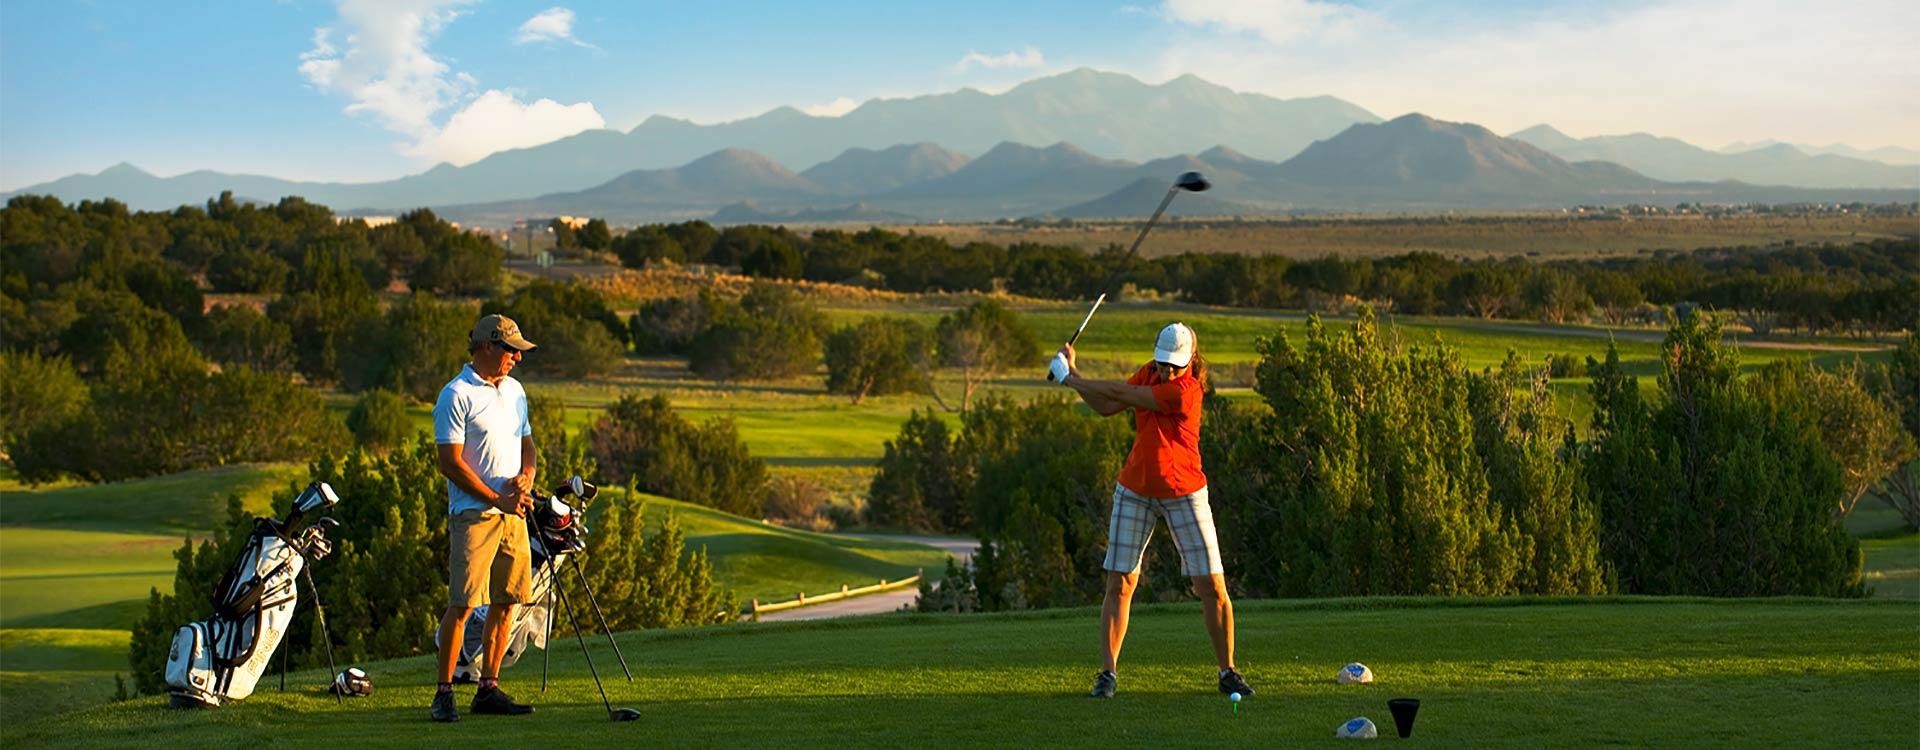 5986-golf_santa_fe.jpg